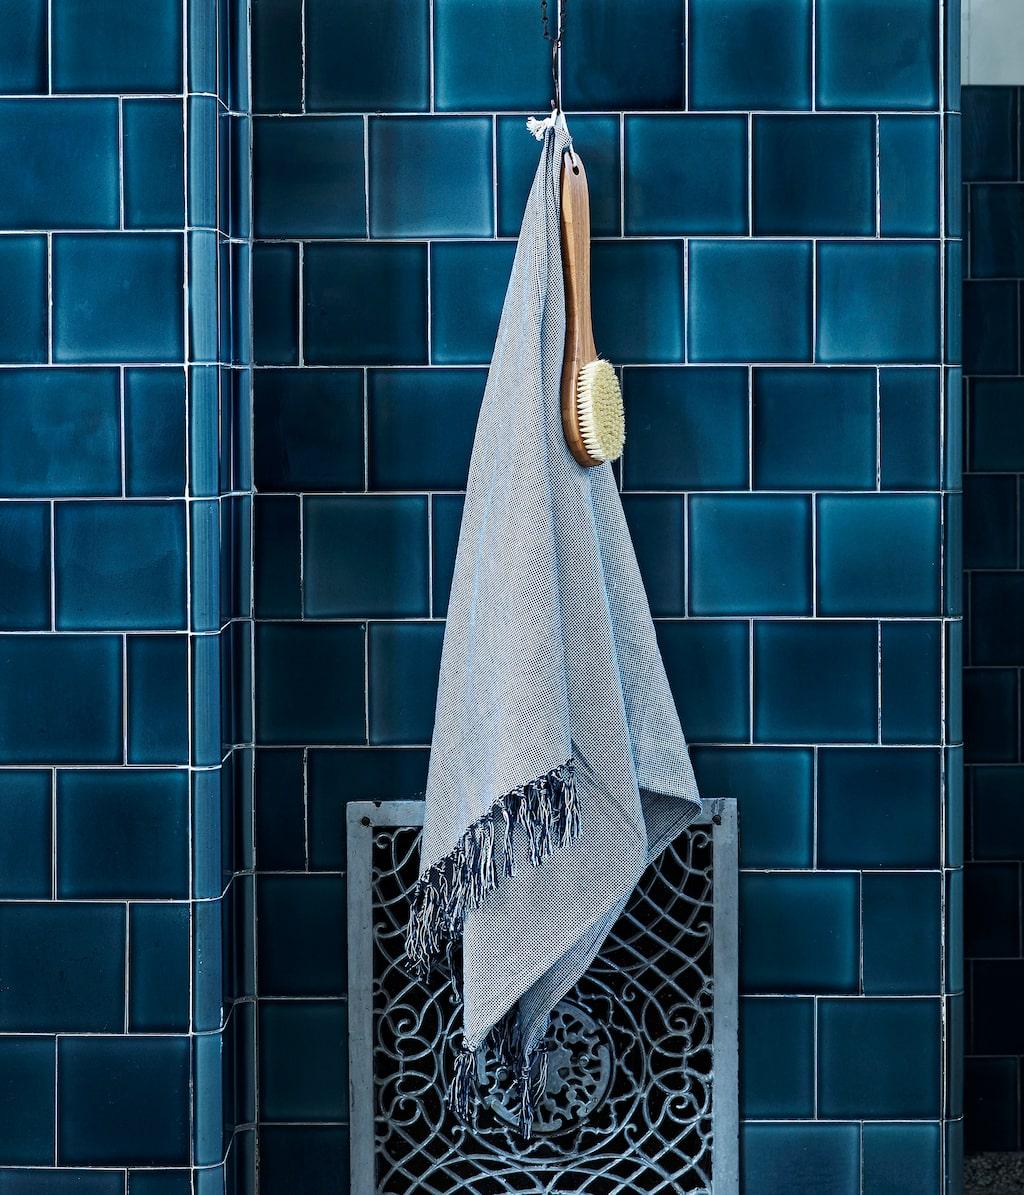 Kollektionen släpps den 16 mars och i begränsad upplaga. Här en badhandduk för 129 kronor.